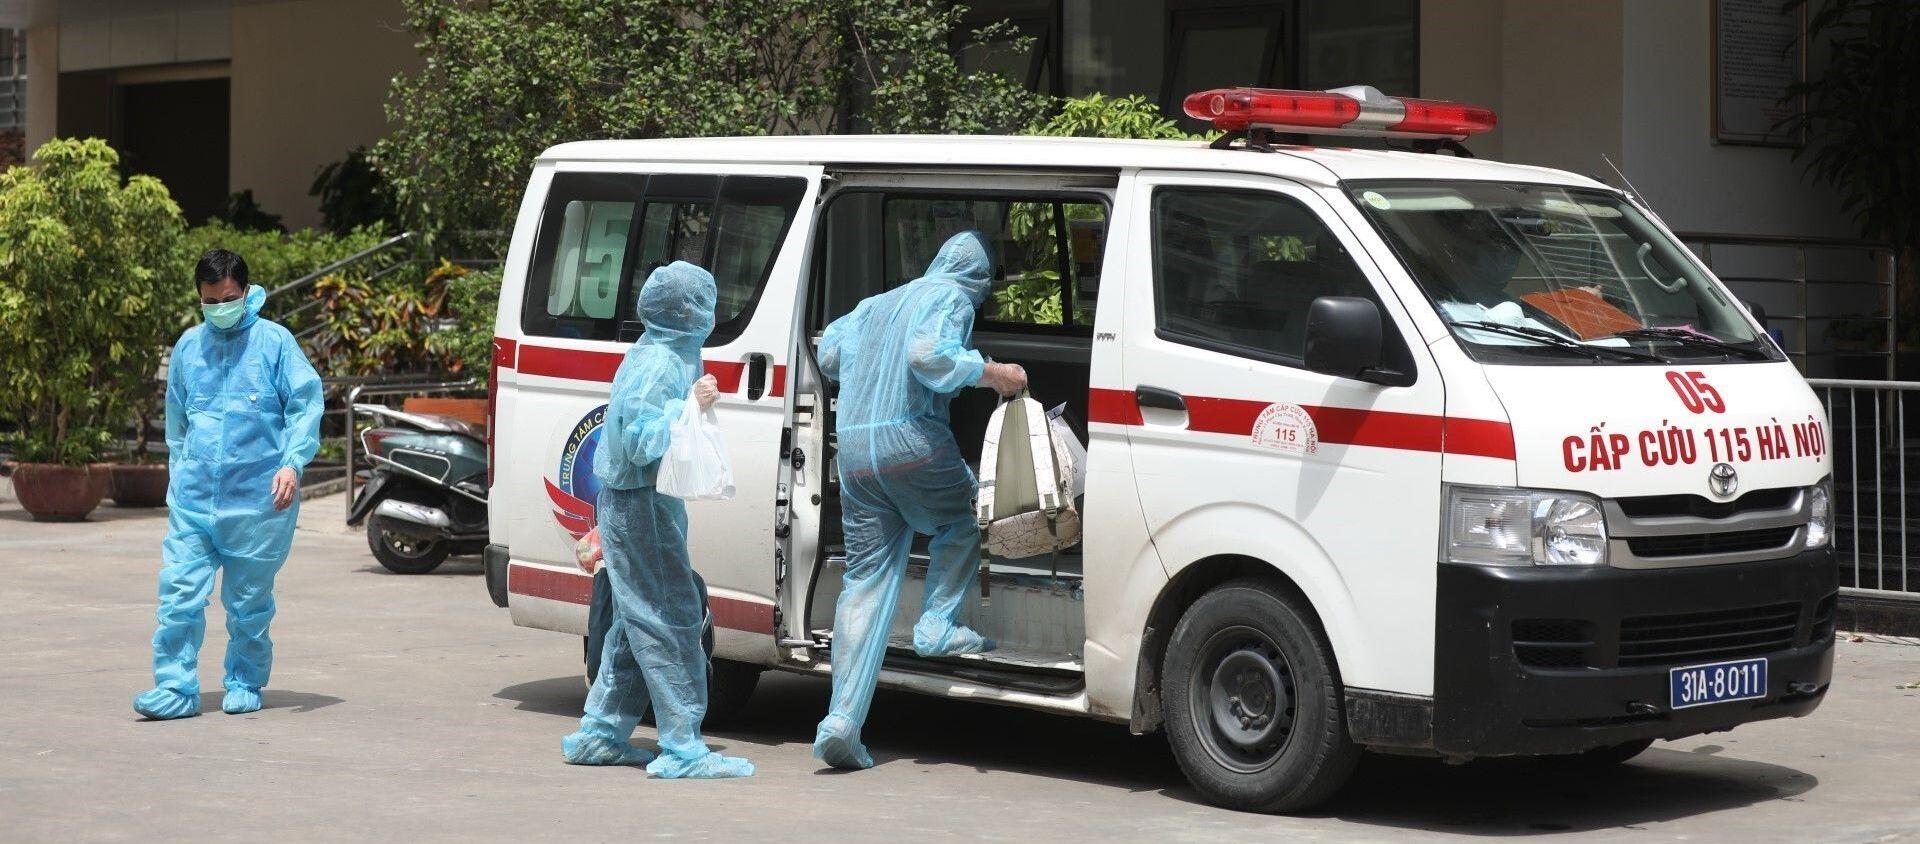 2 trường hợp F1 liên quan đến bệnh nhân COVID-19 tại chung cư Thanh Xuân Building được đưa đi cách ly. - Sputnik Việt Nam, 1920, 13.07.2021